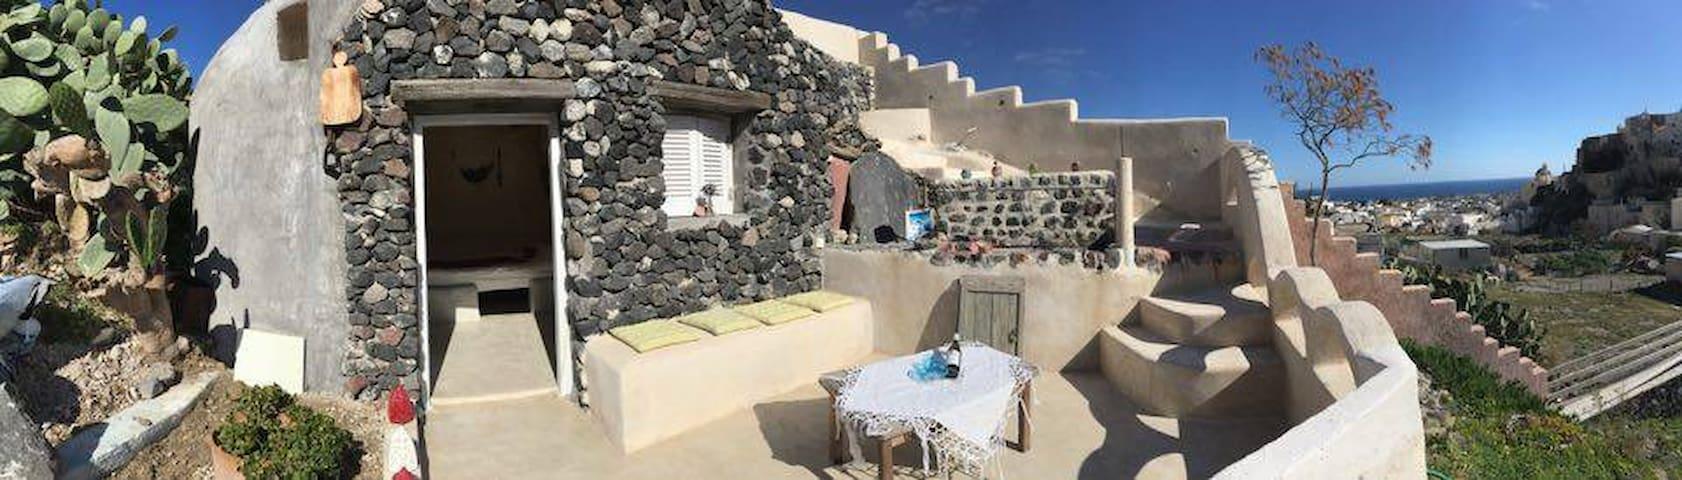 traditioneel zomerhuisje - Emporio - Houten huisje